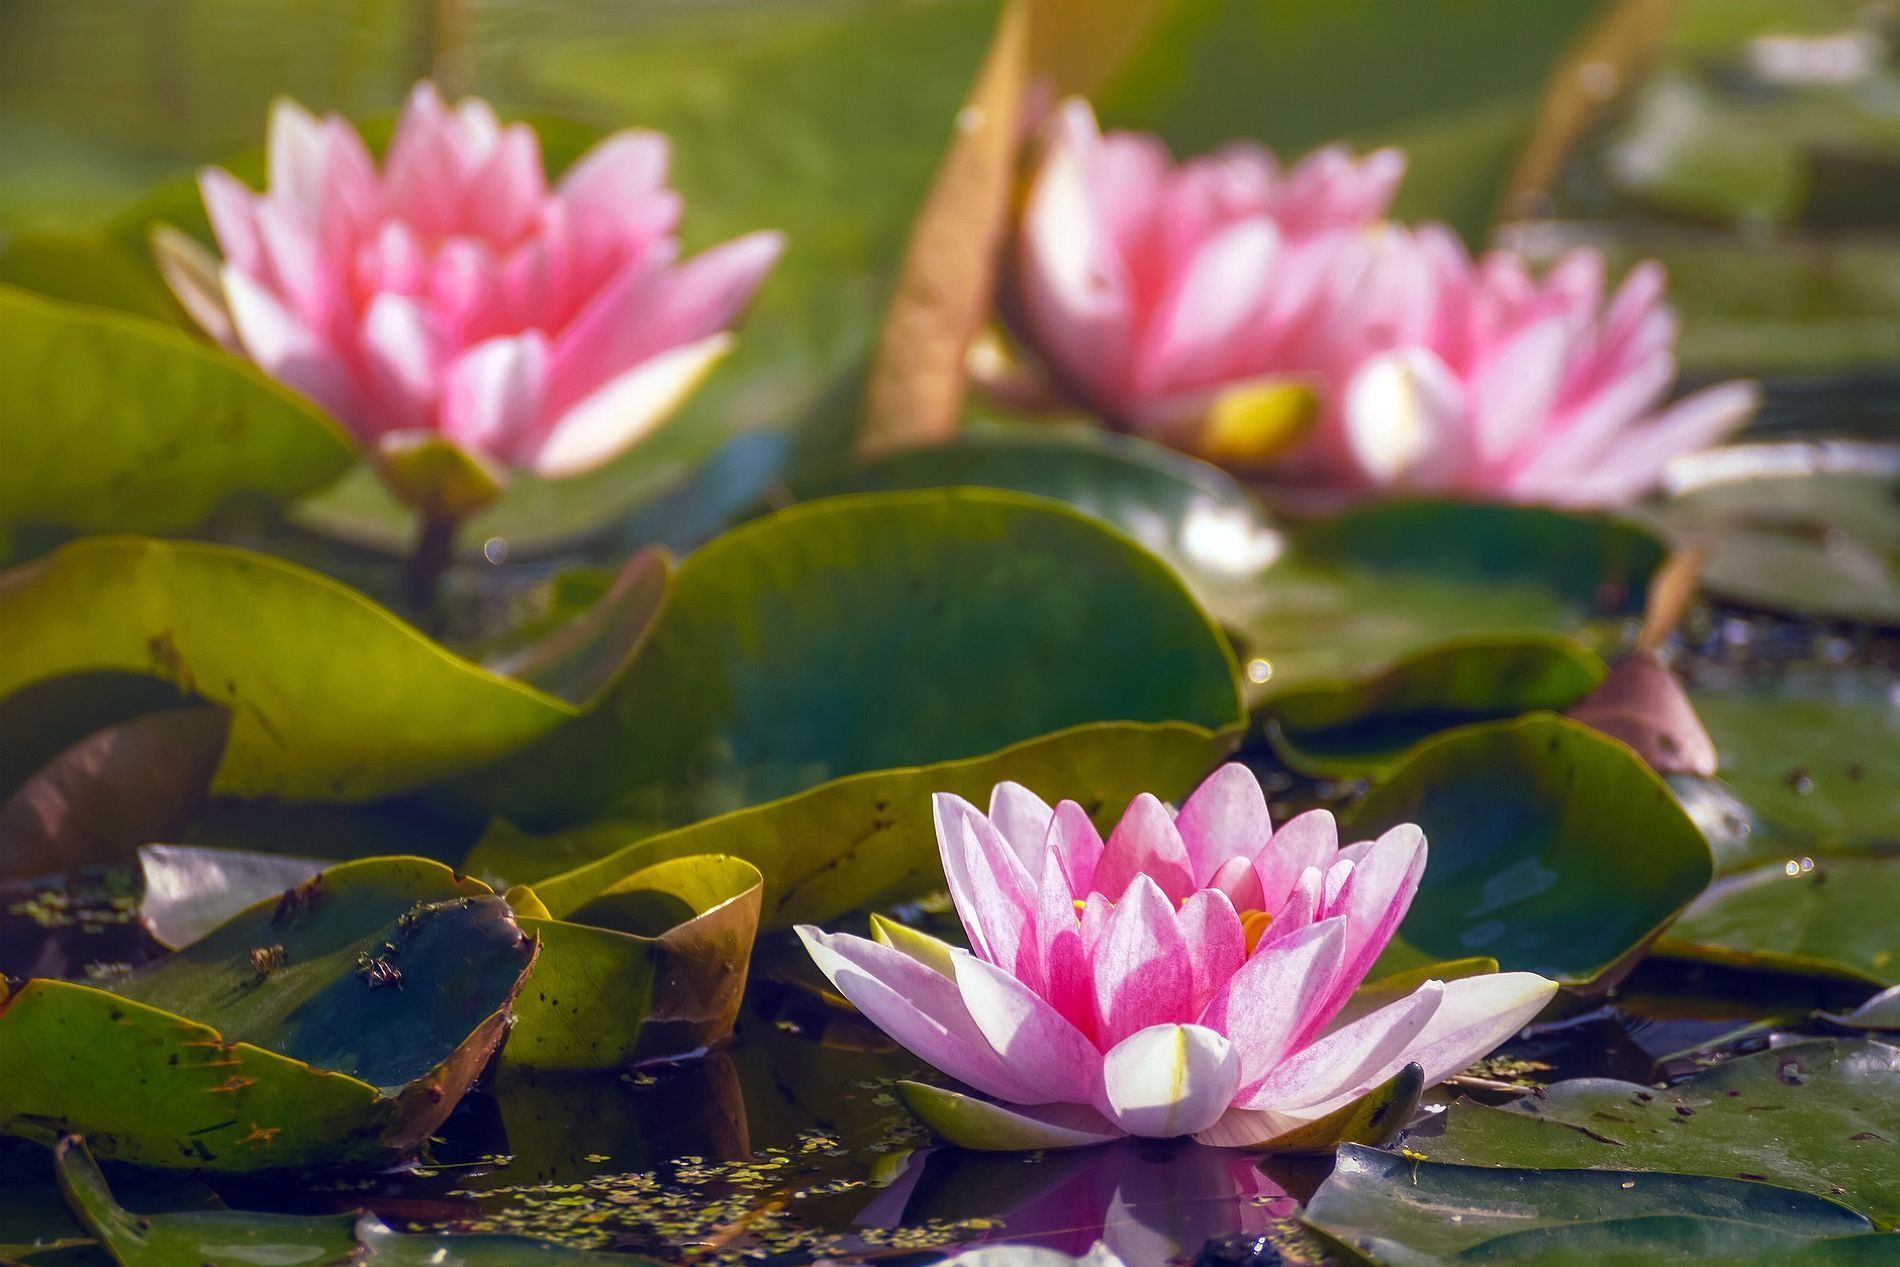 Цветение лотосов ©Фото Su Ju, pixabay.com